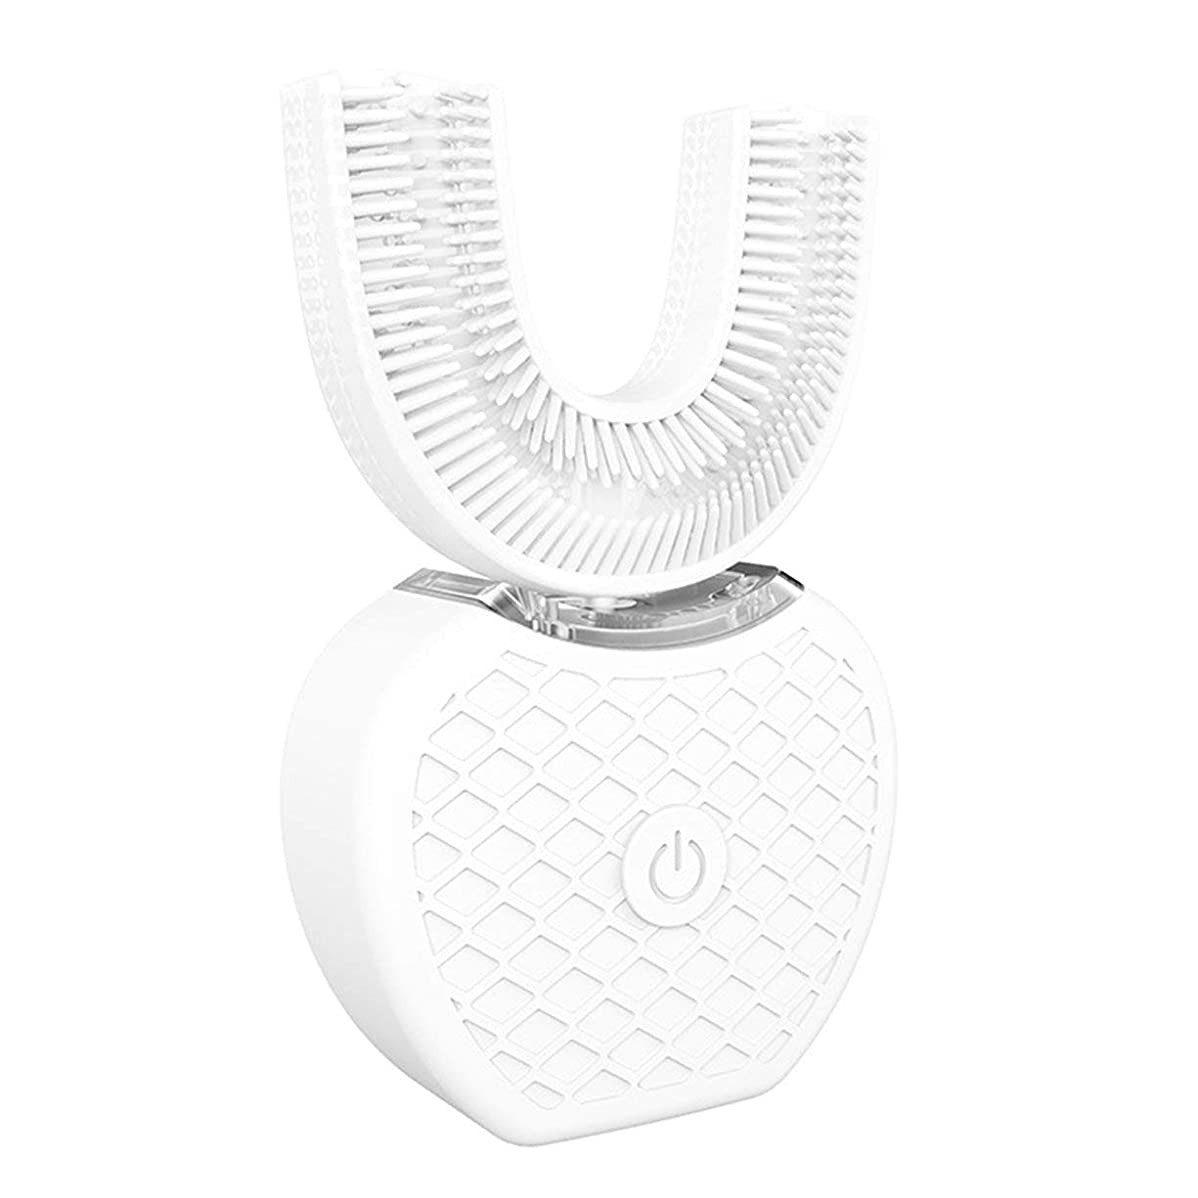 スワップ新聞外出360°ワイヤレス充電怠惰な自動ソニックシリコーン電動歯ブラシ - ホワイト